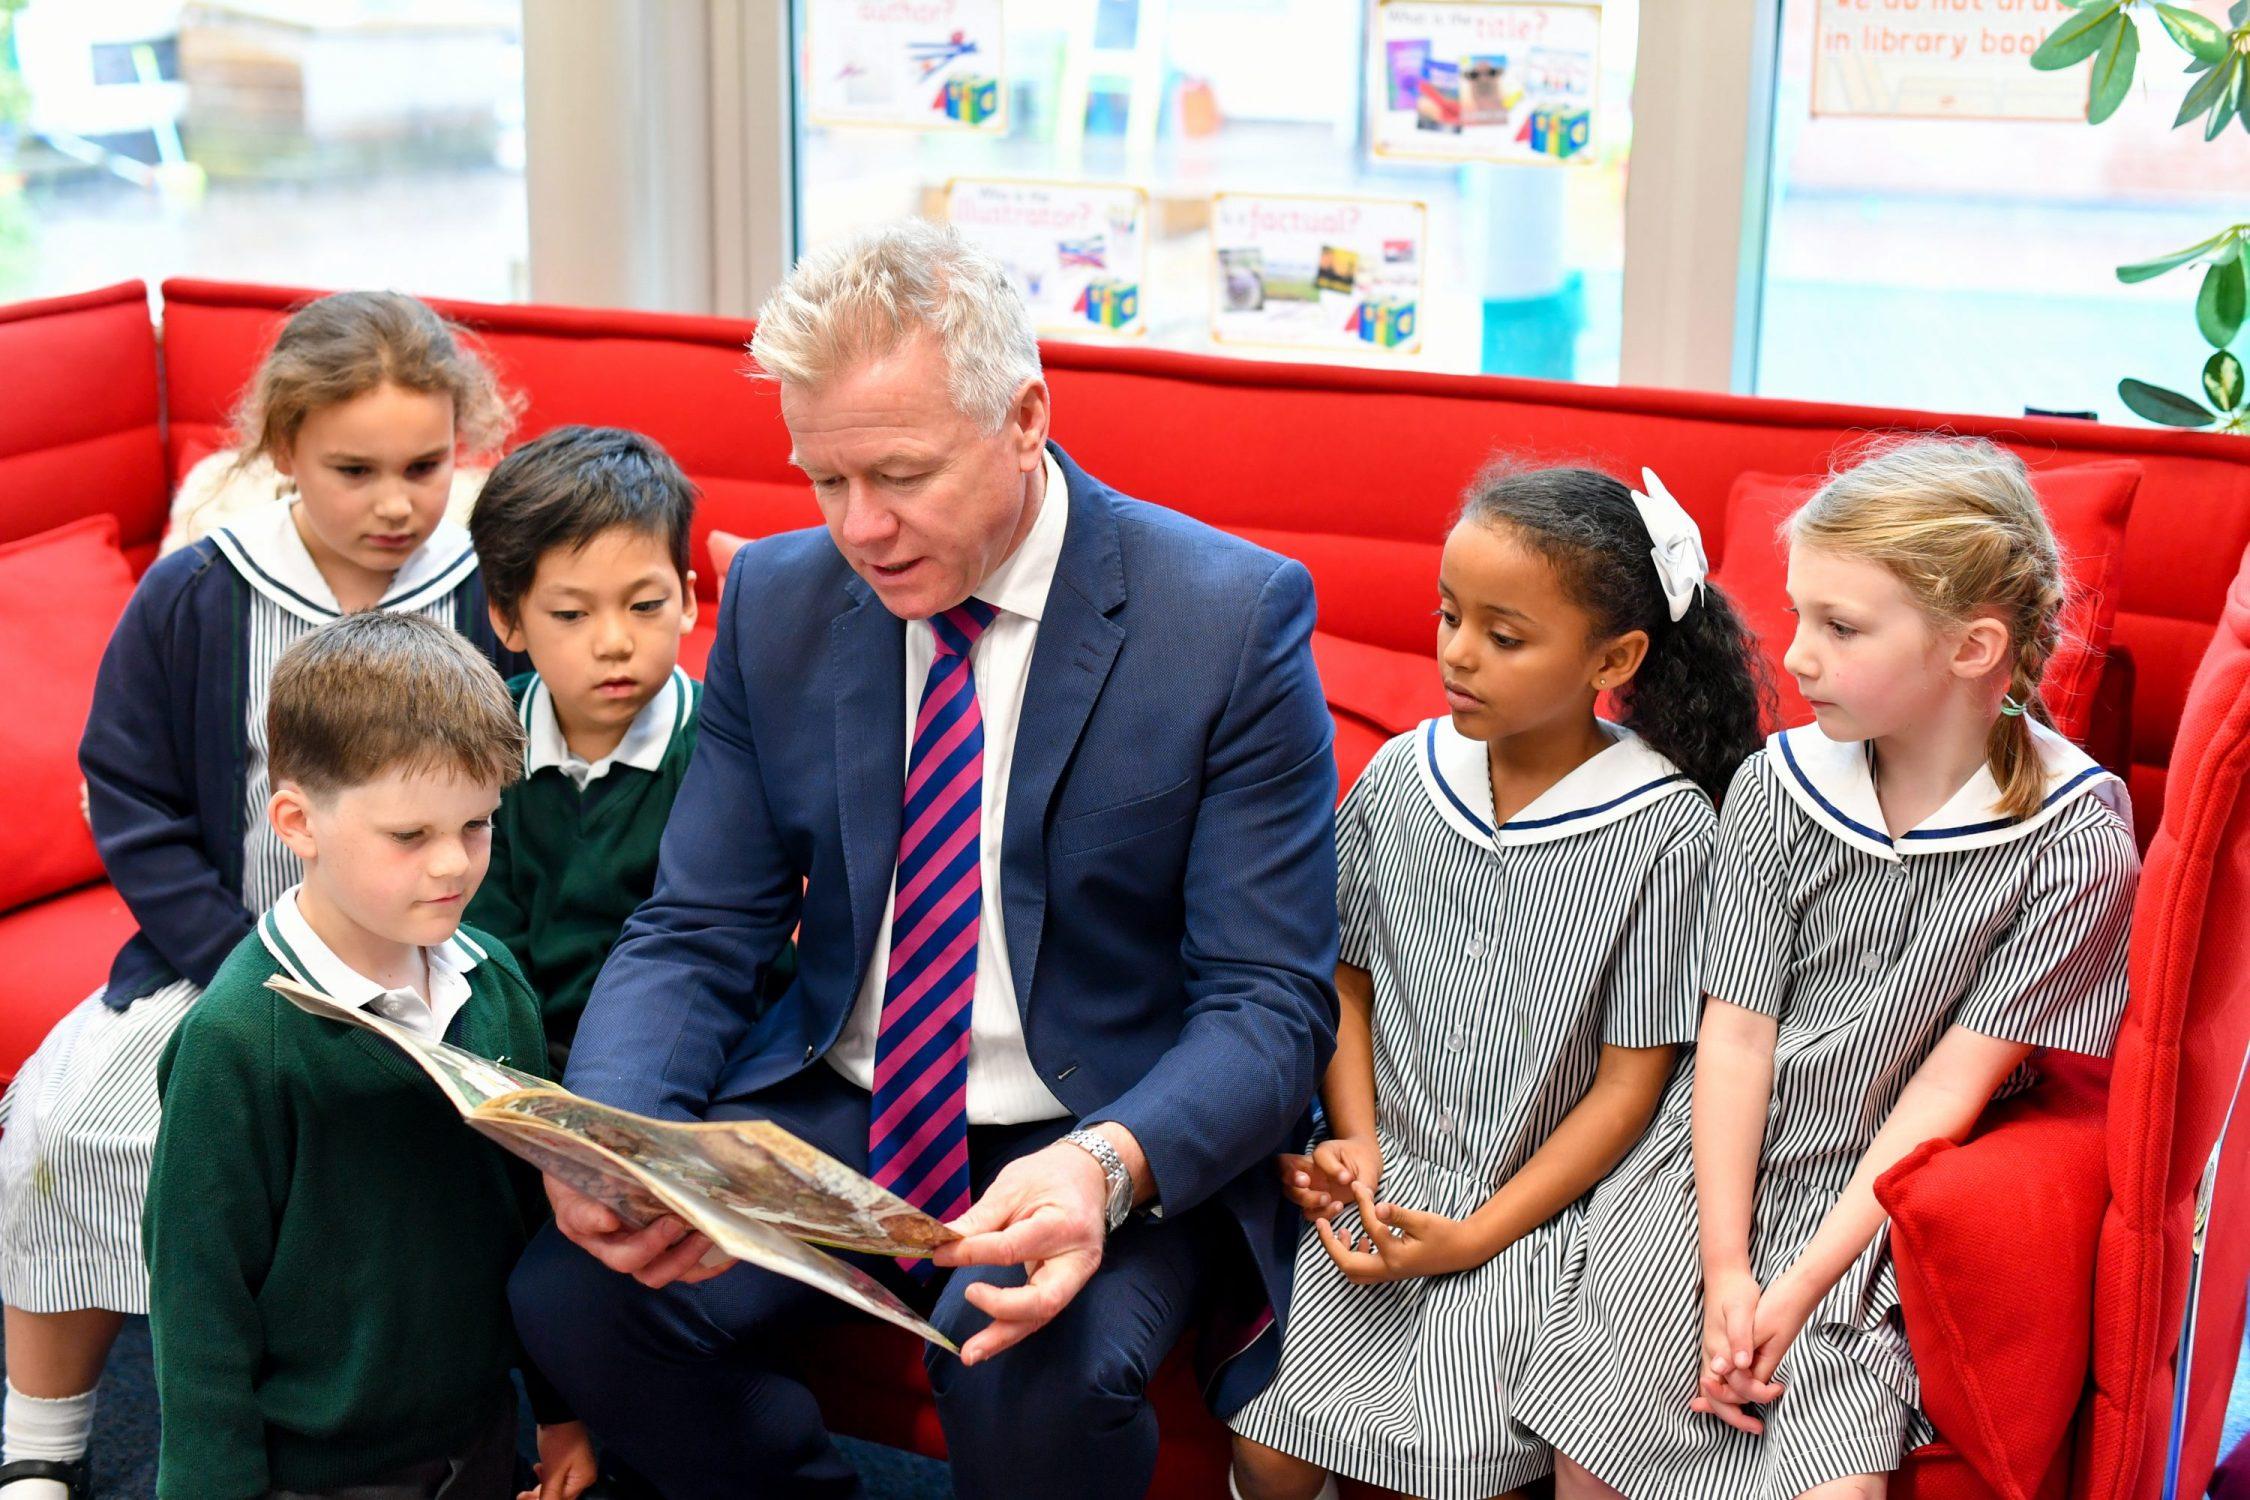 Gareth with children41